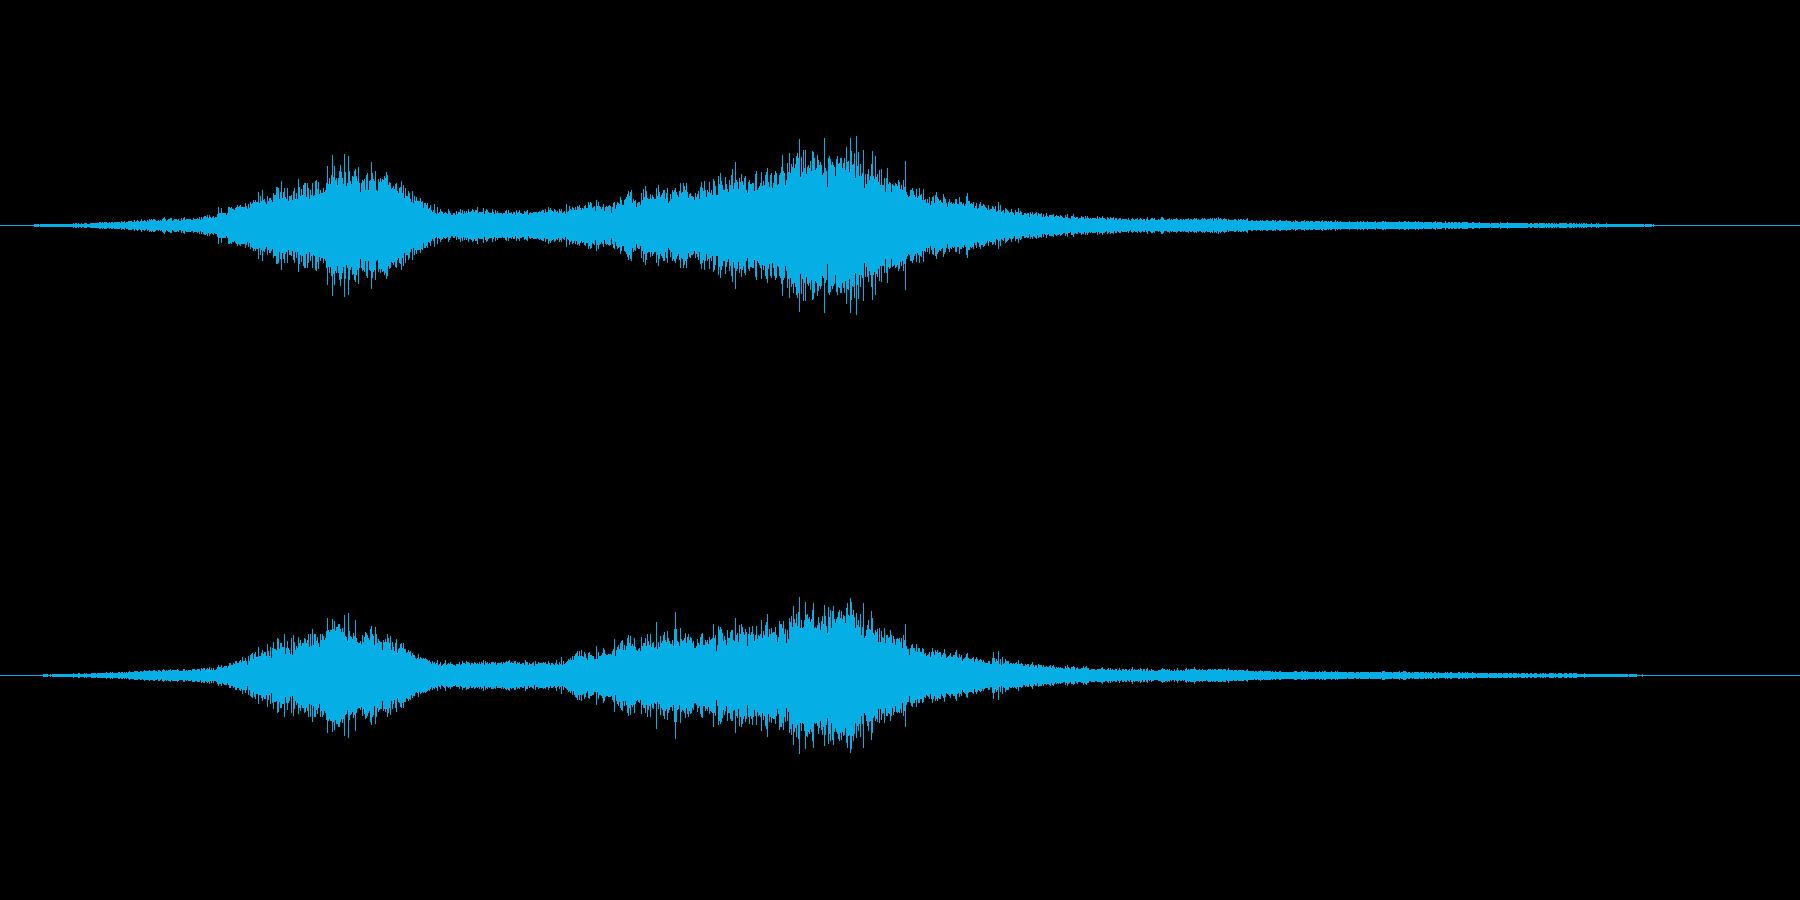 波の音(大波のイメージ)の再生済みの波形